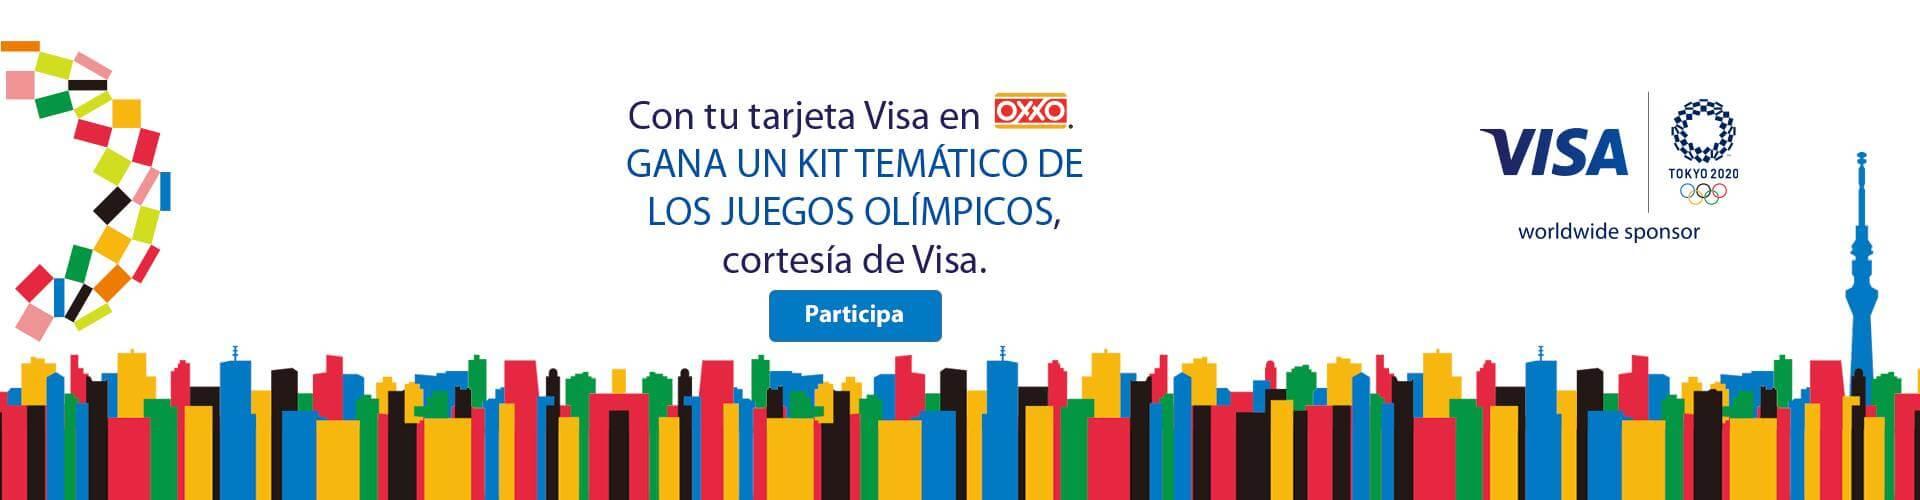 OXXO Cupones Visa P8 2021